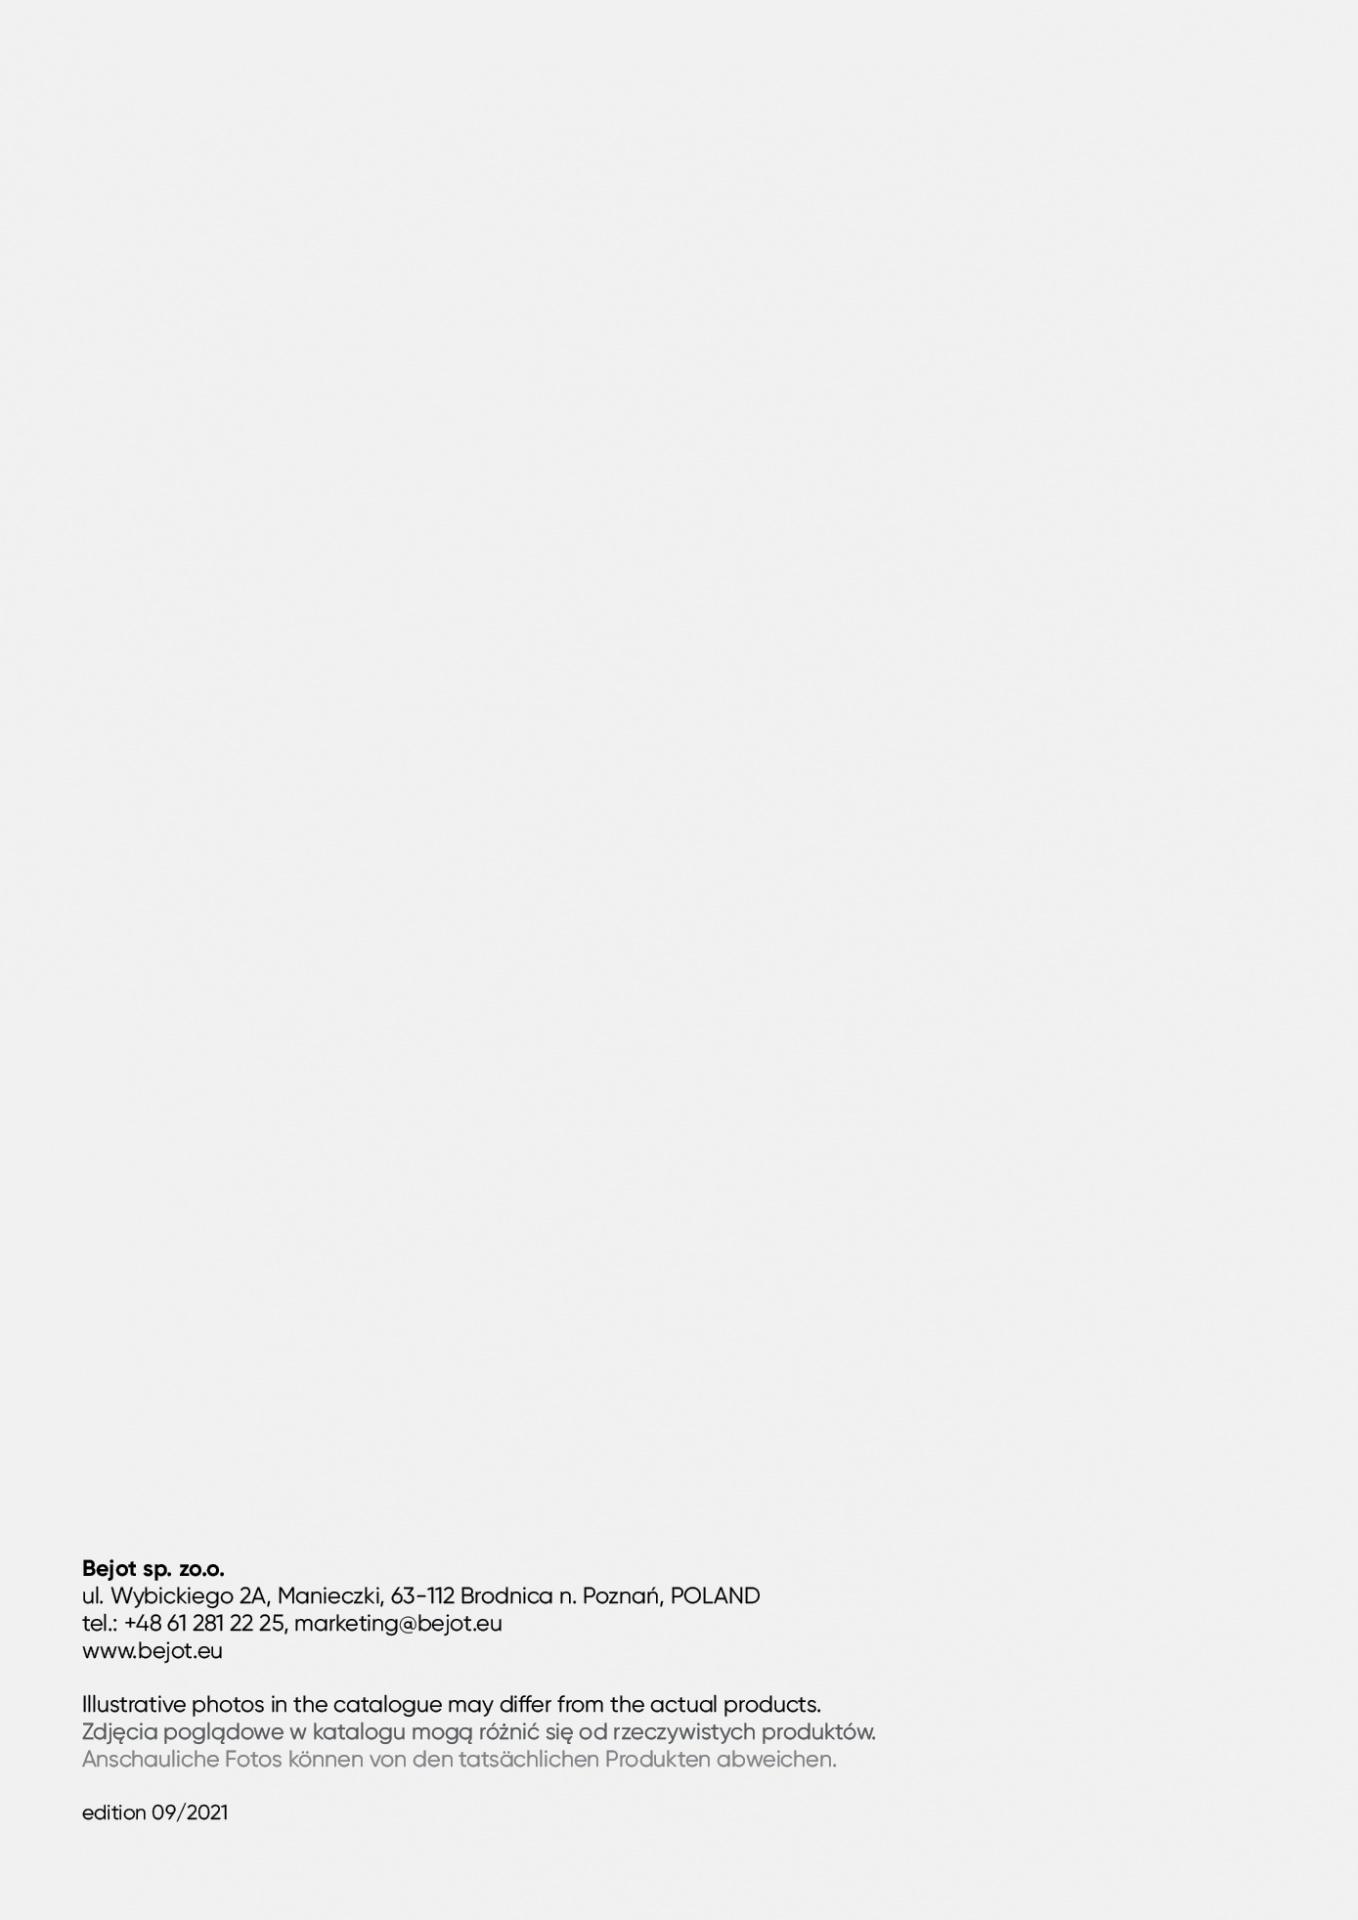 treehouse-catalogue-v2-48.jpg